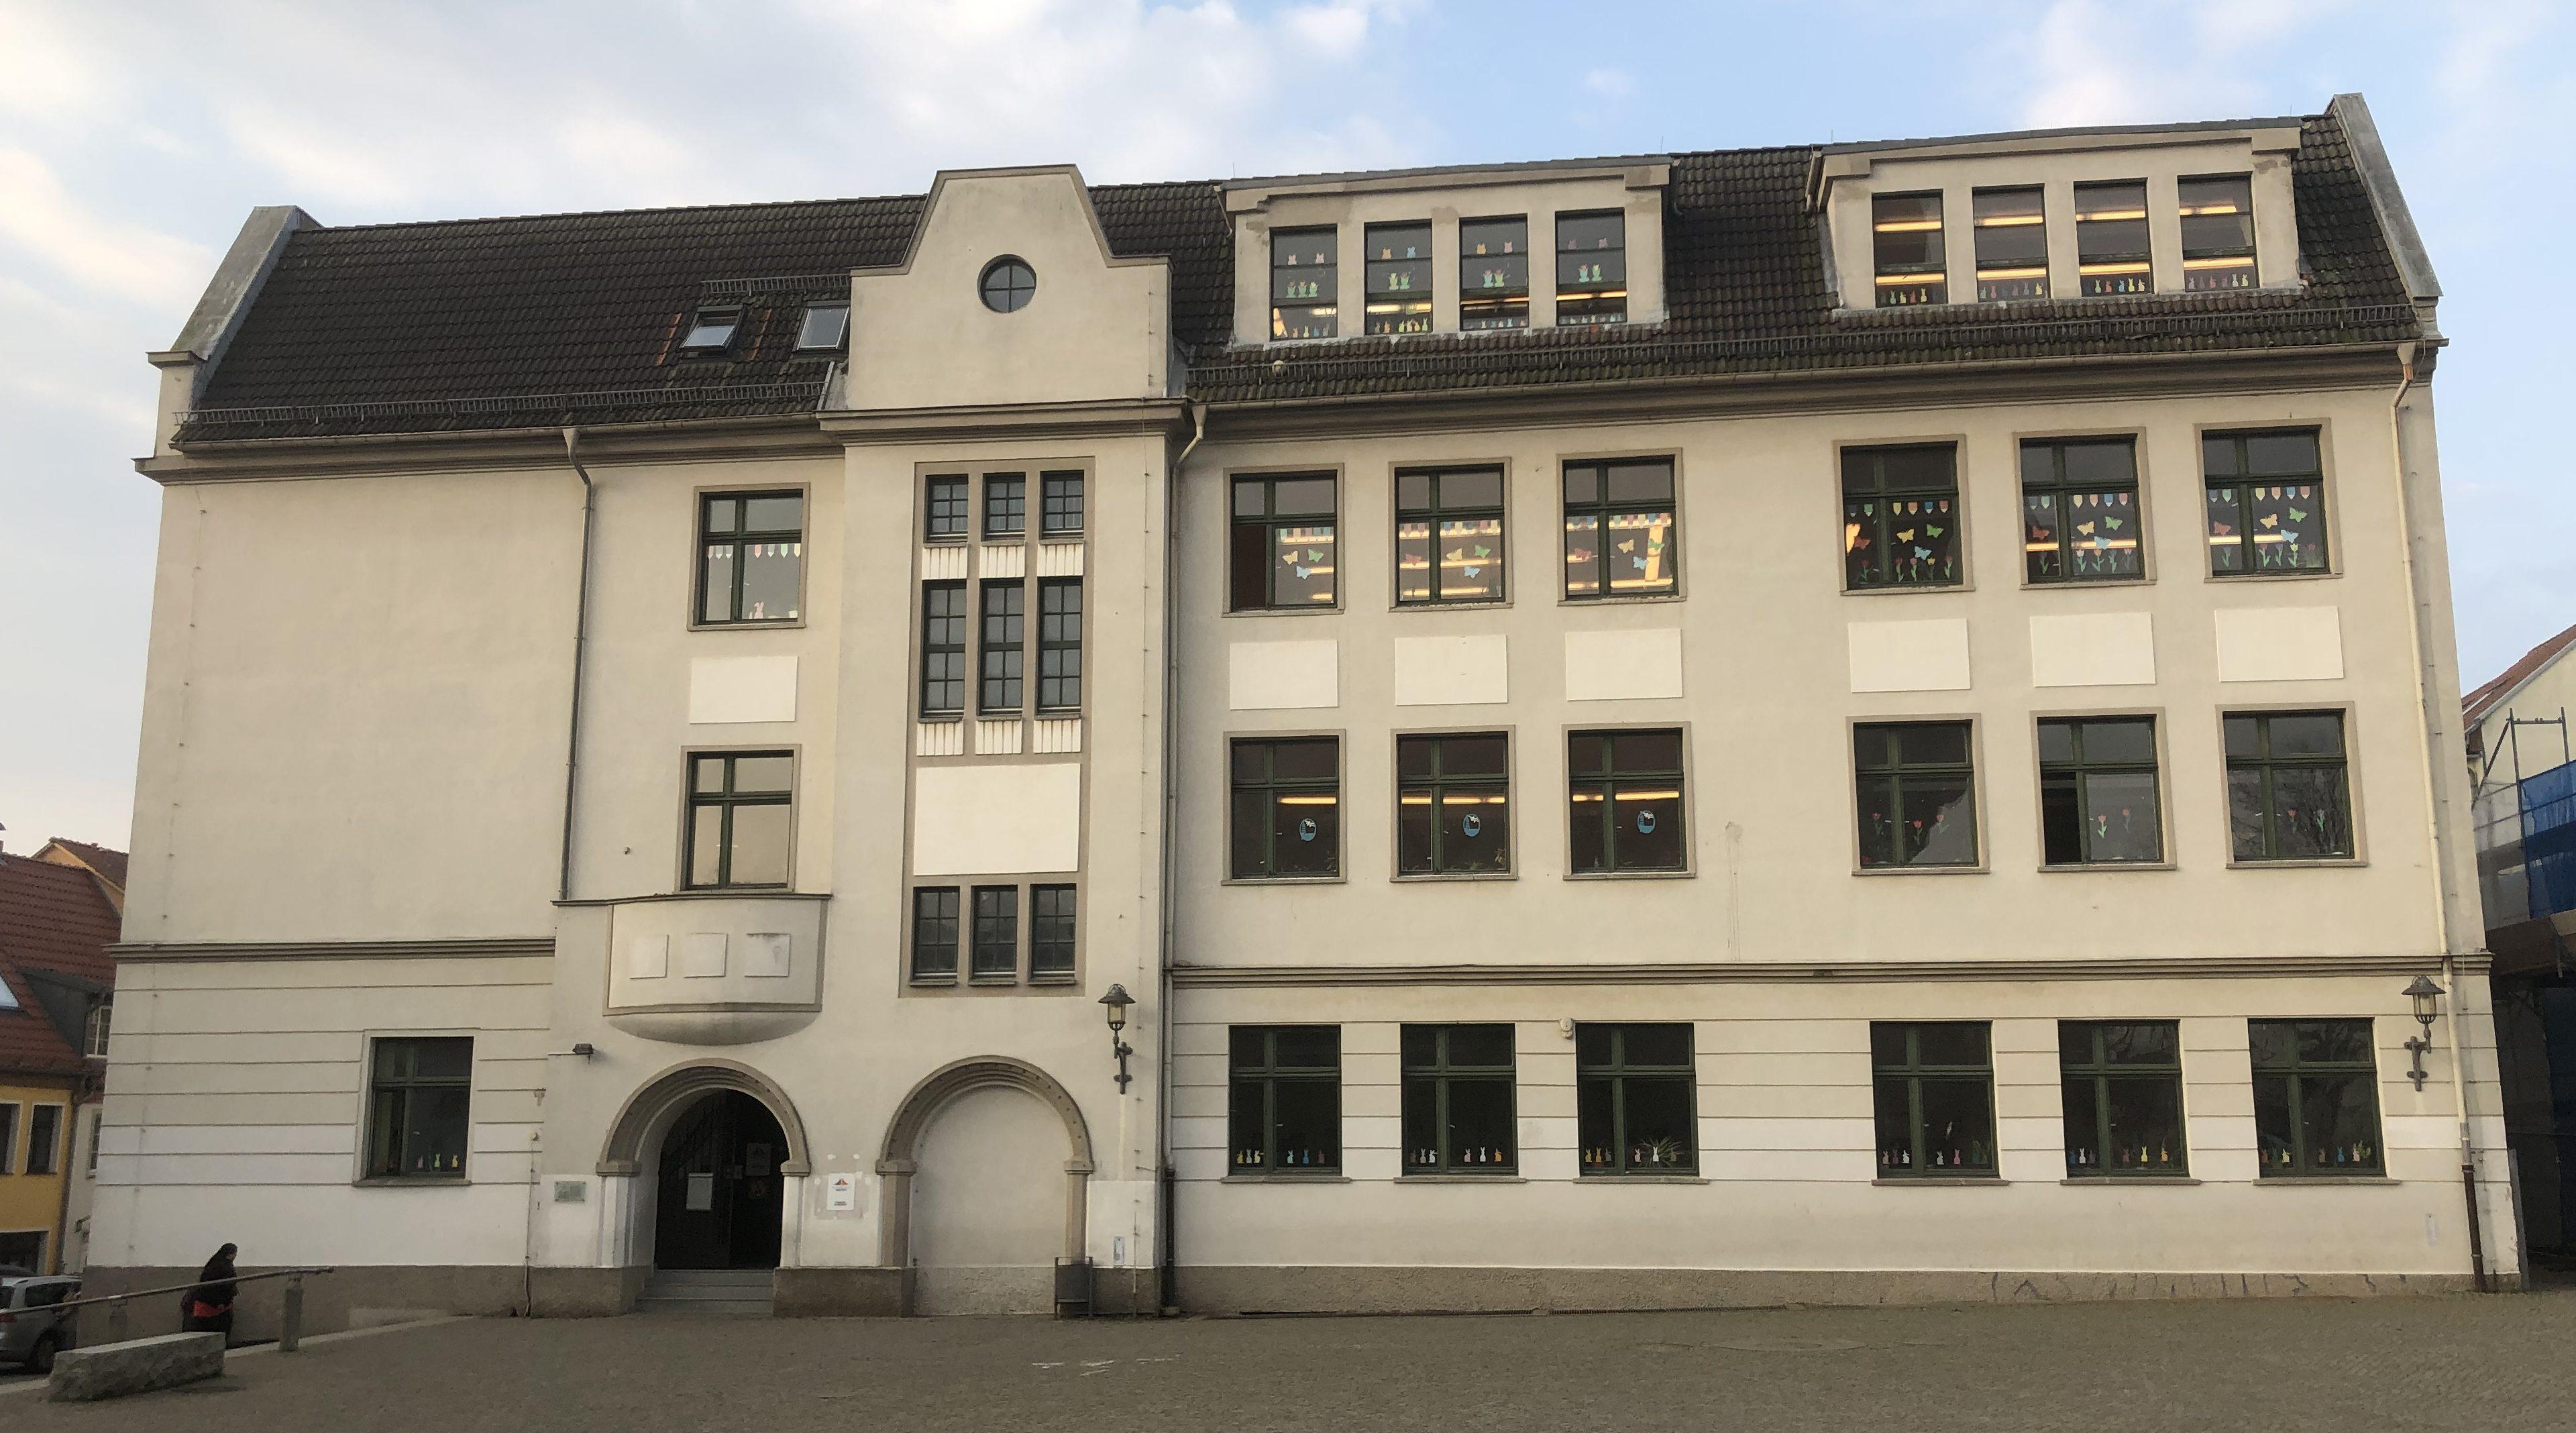 Grundschule am Alten Markt